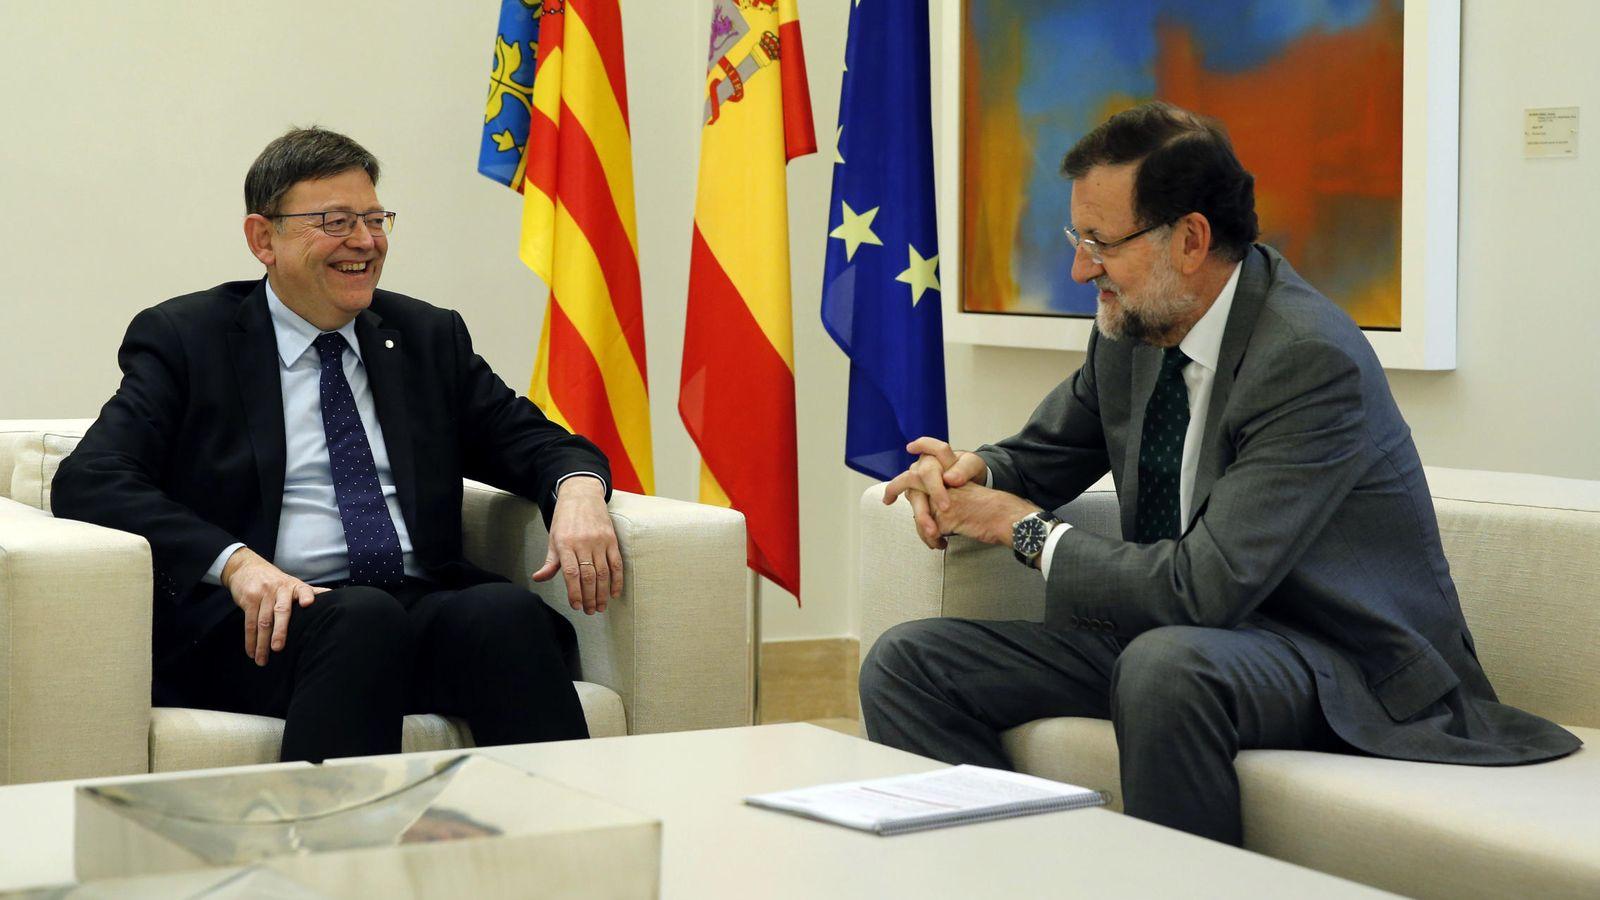 Foto: El presidente del Gobierno, Mariano Rajoy (d), junto al presidente de la Generalitat Valenciana, Ximo Puig. (EFE)